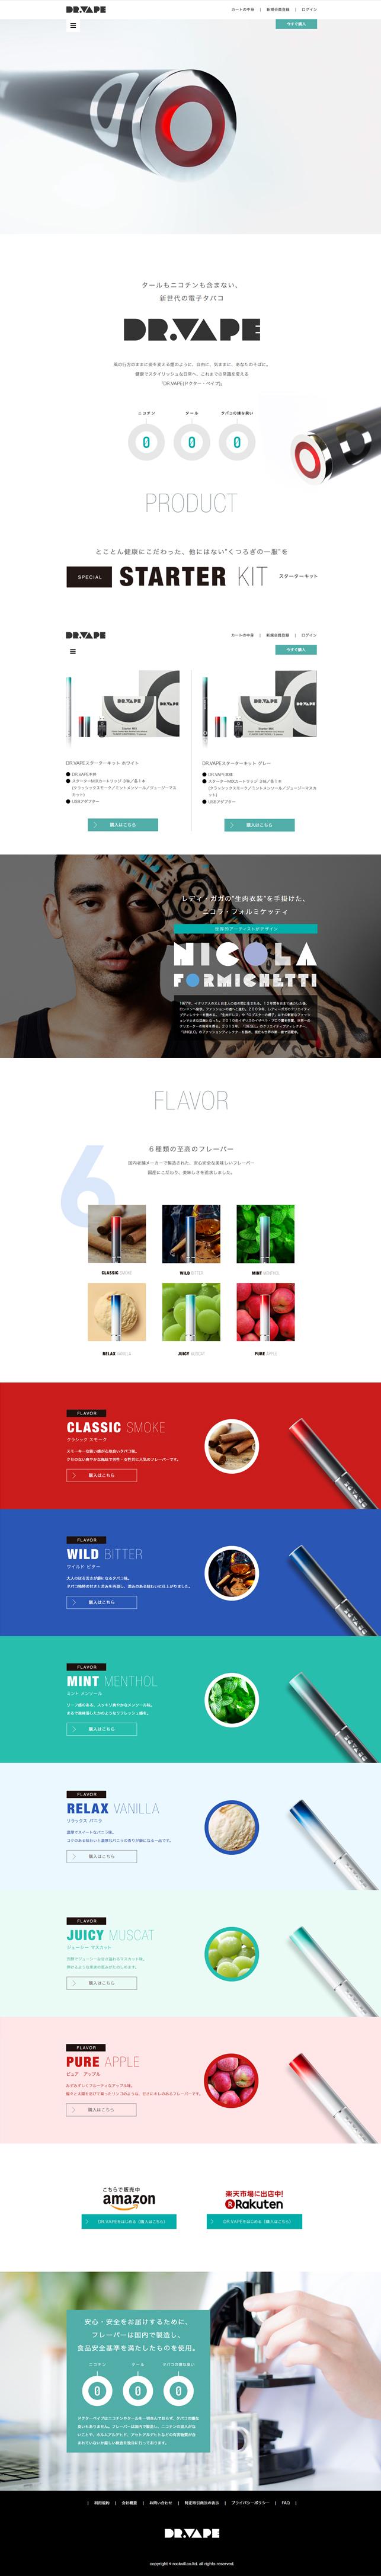 電子タバコ・精密機器・電子機器製品のホームページデザイン制作実績